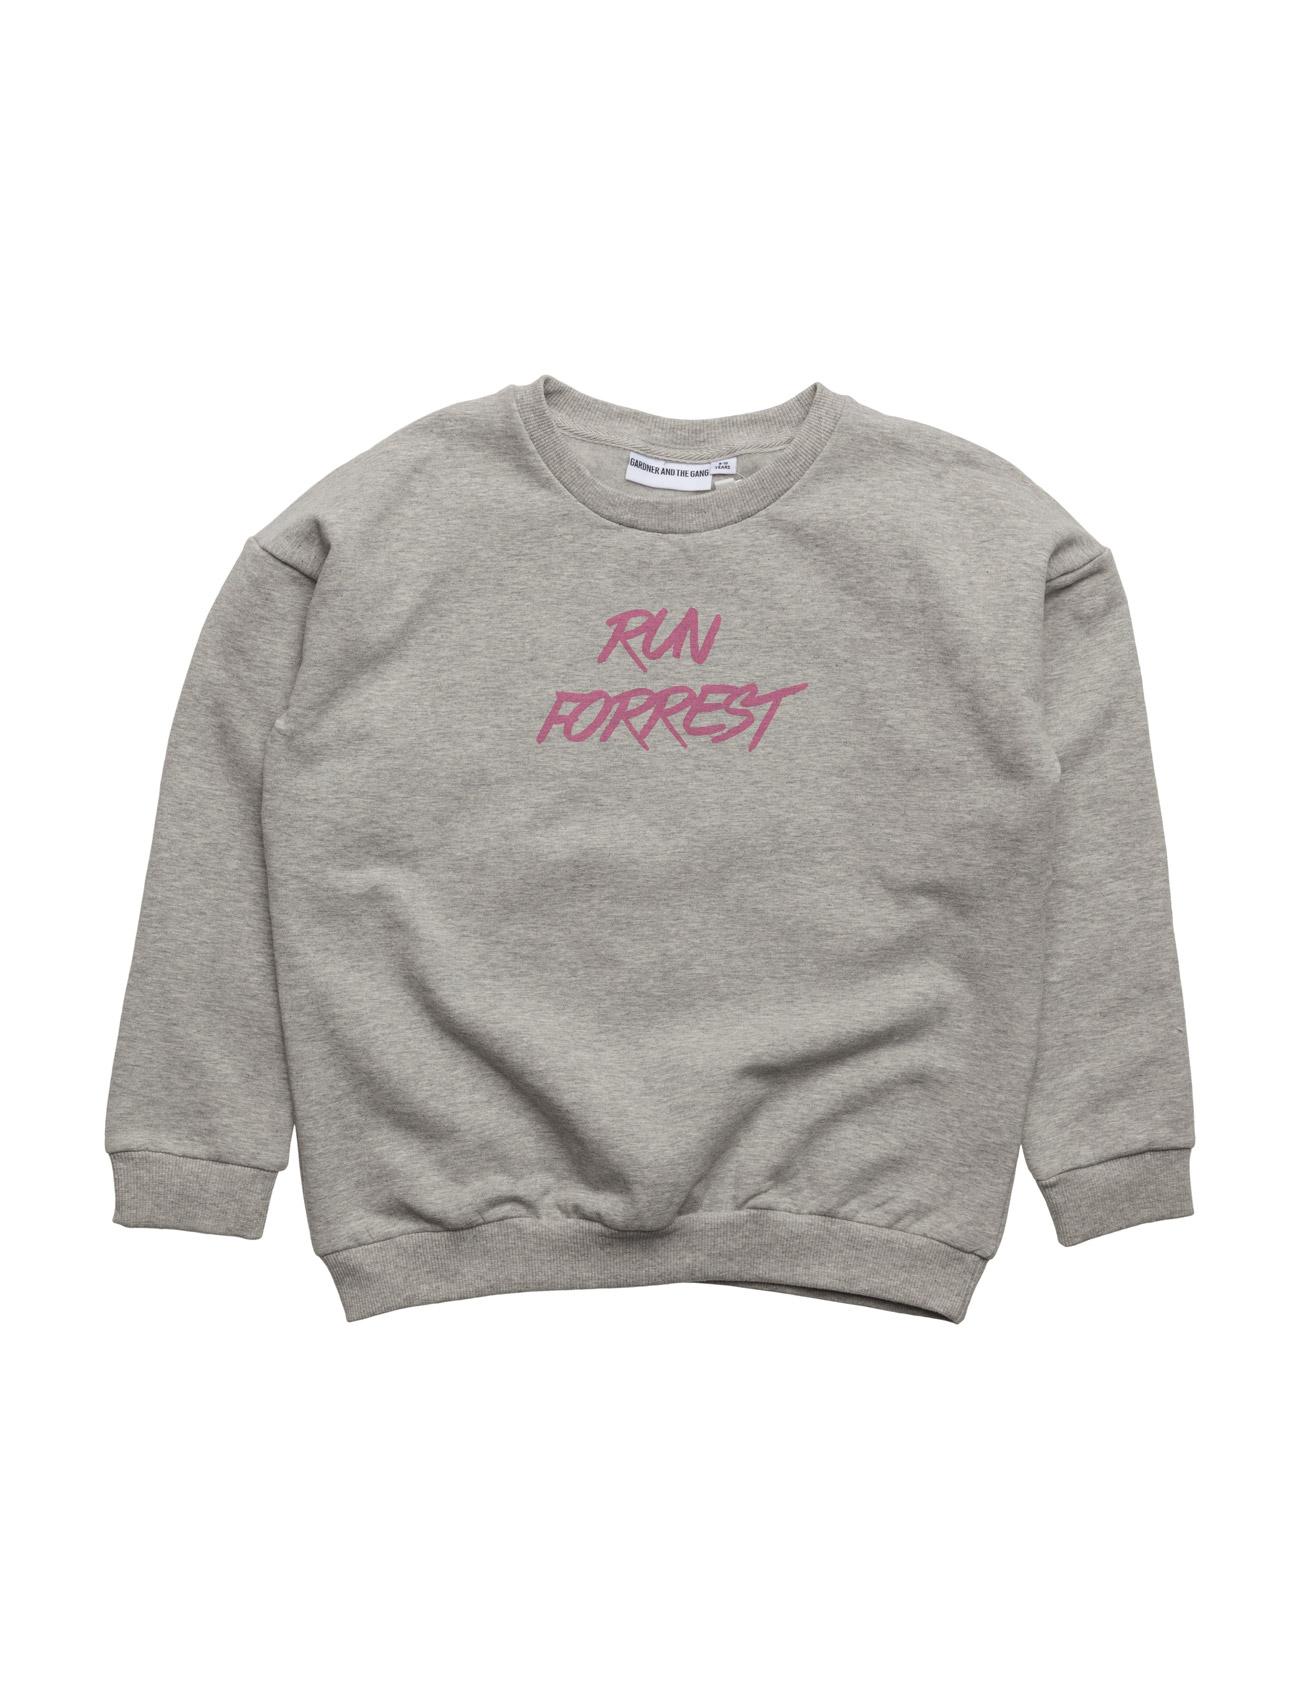 The classic sweater run forrest fra gardner & the gang på boozt.com dk